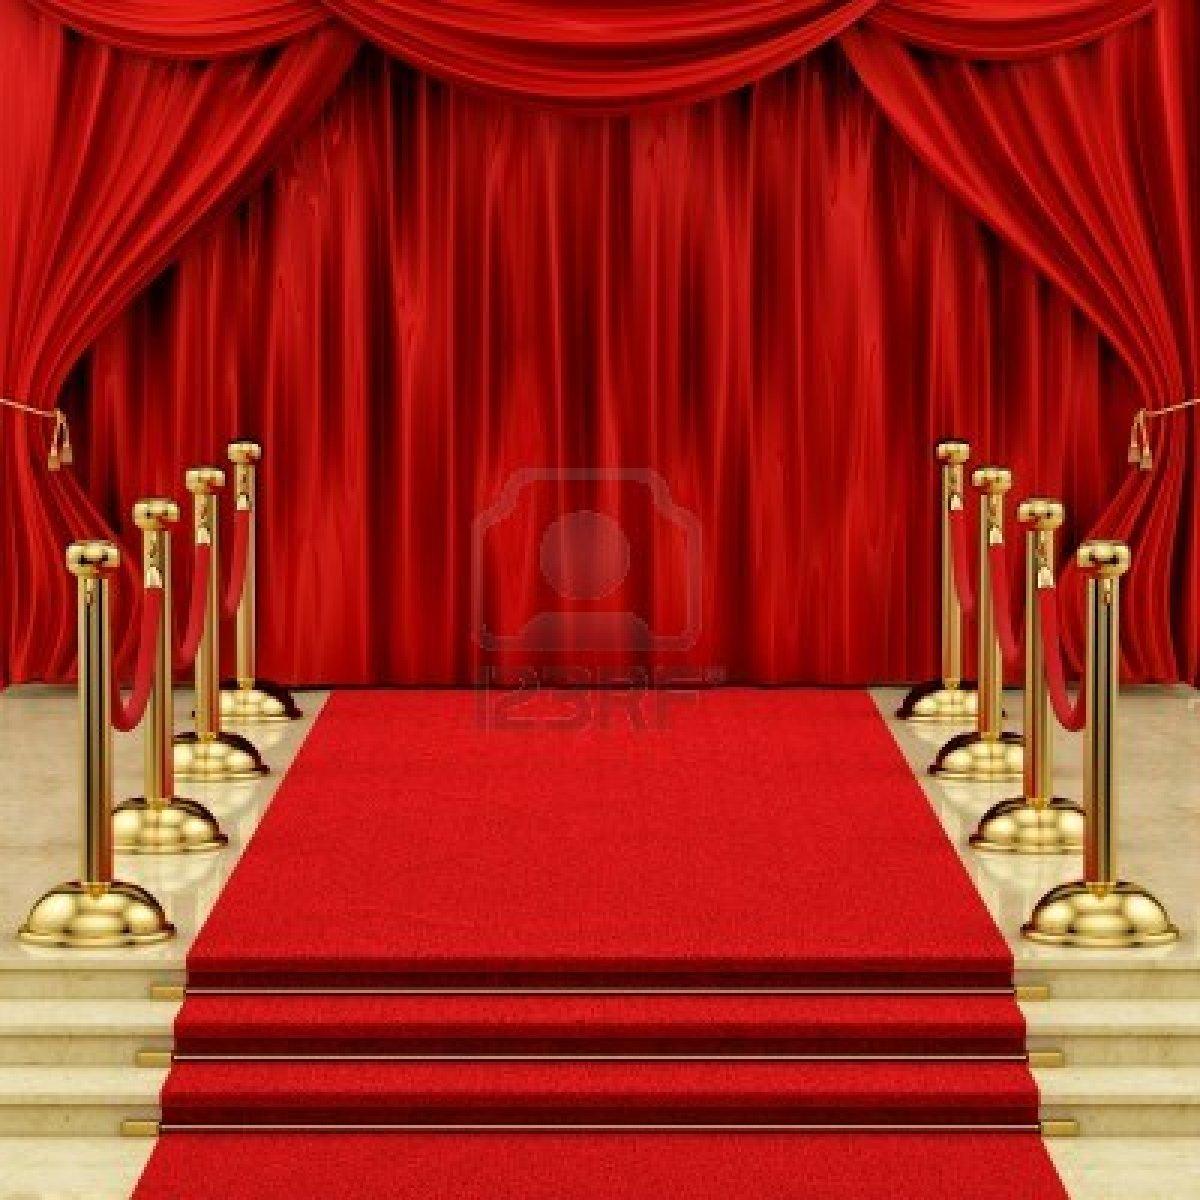 16221566 rinde de una alfombra roja con los candeleros de for Alfombra persa roja